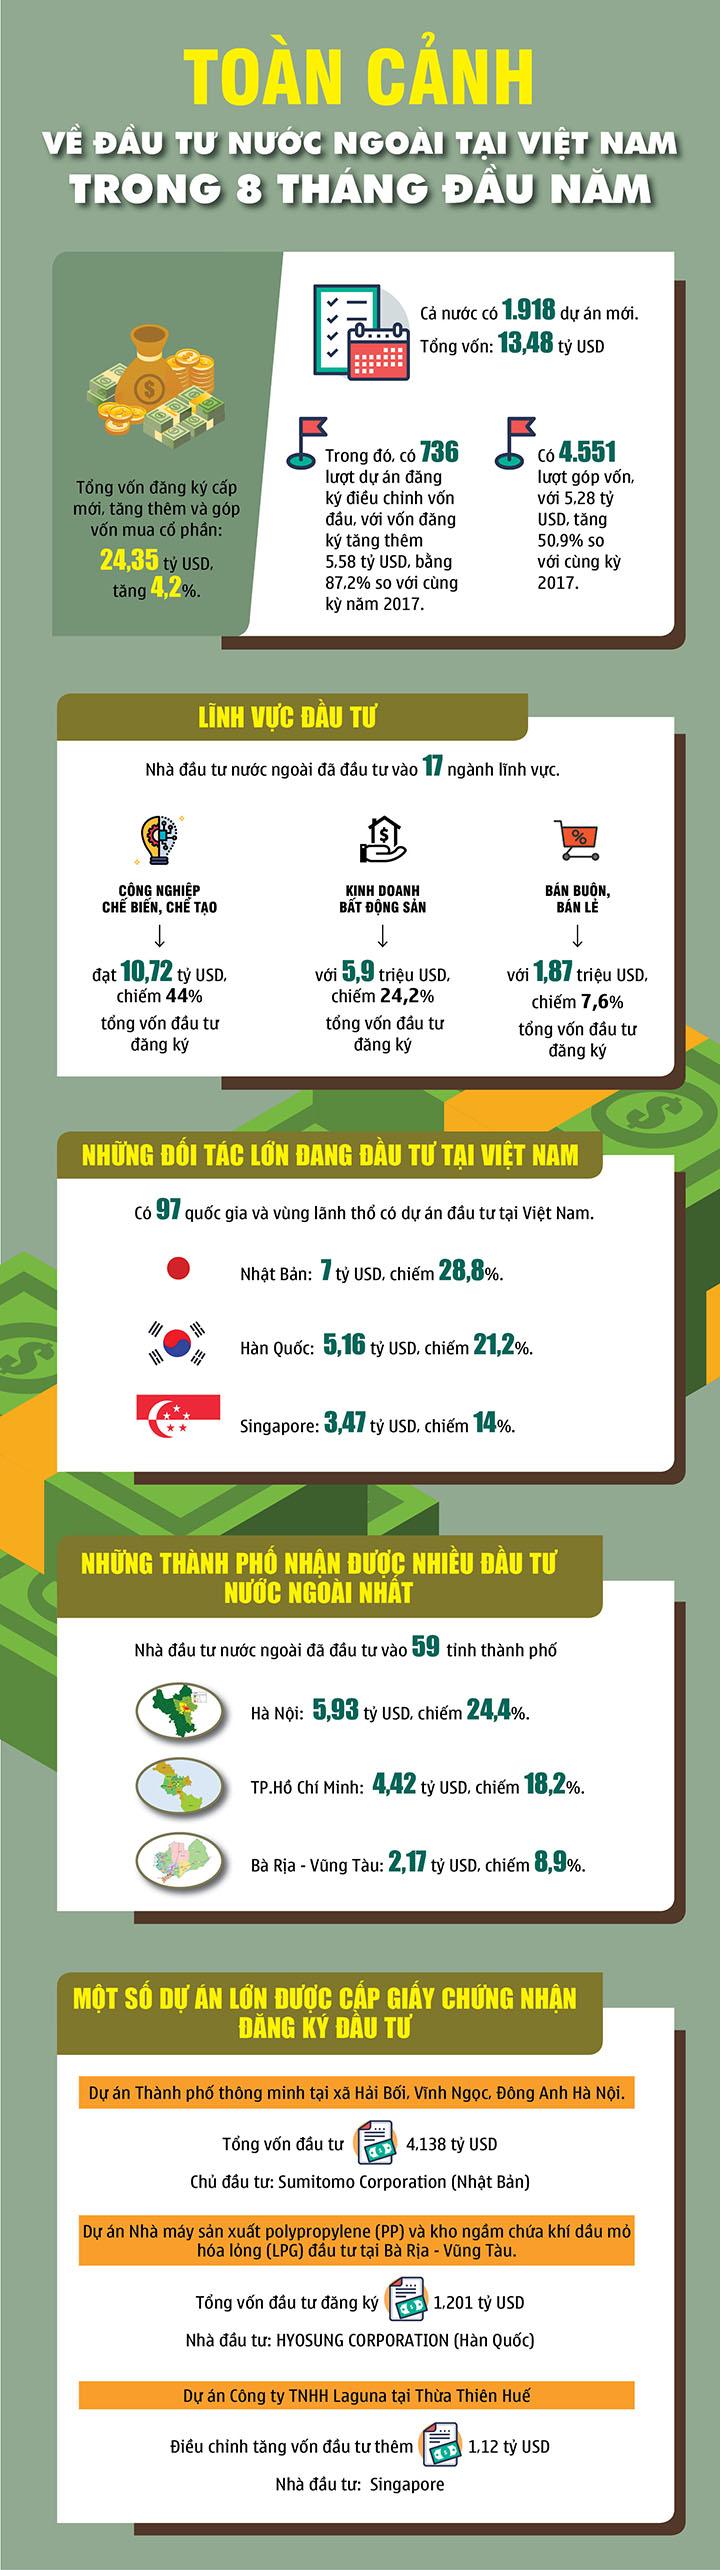 infographic ha noi dang la diem den hap dan nhat ve thu hut dau tu nuoc ngoai